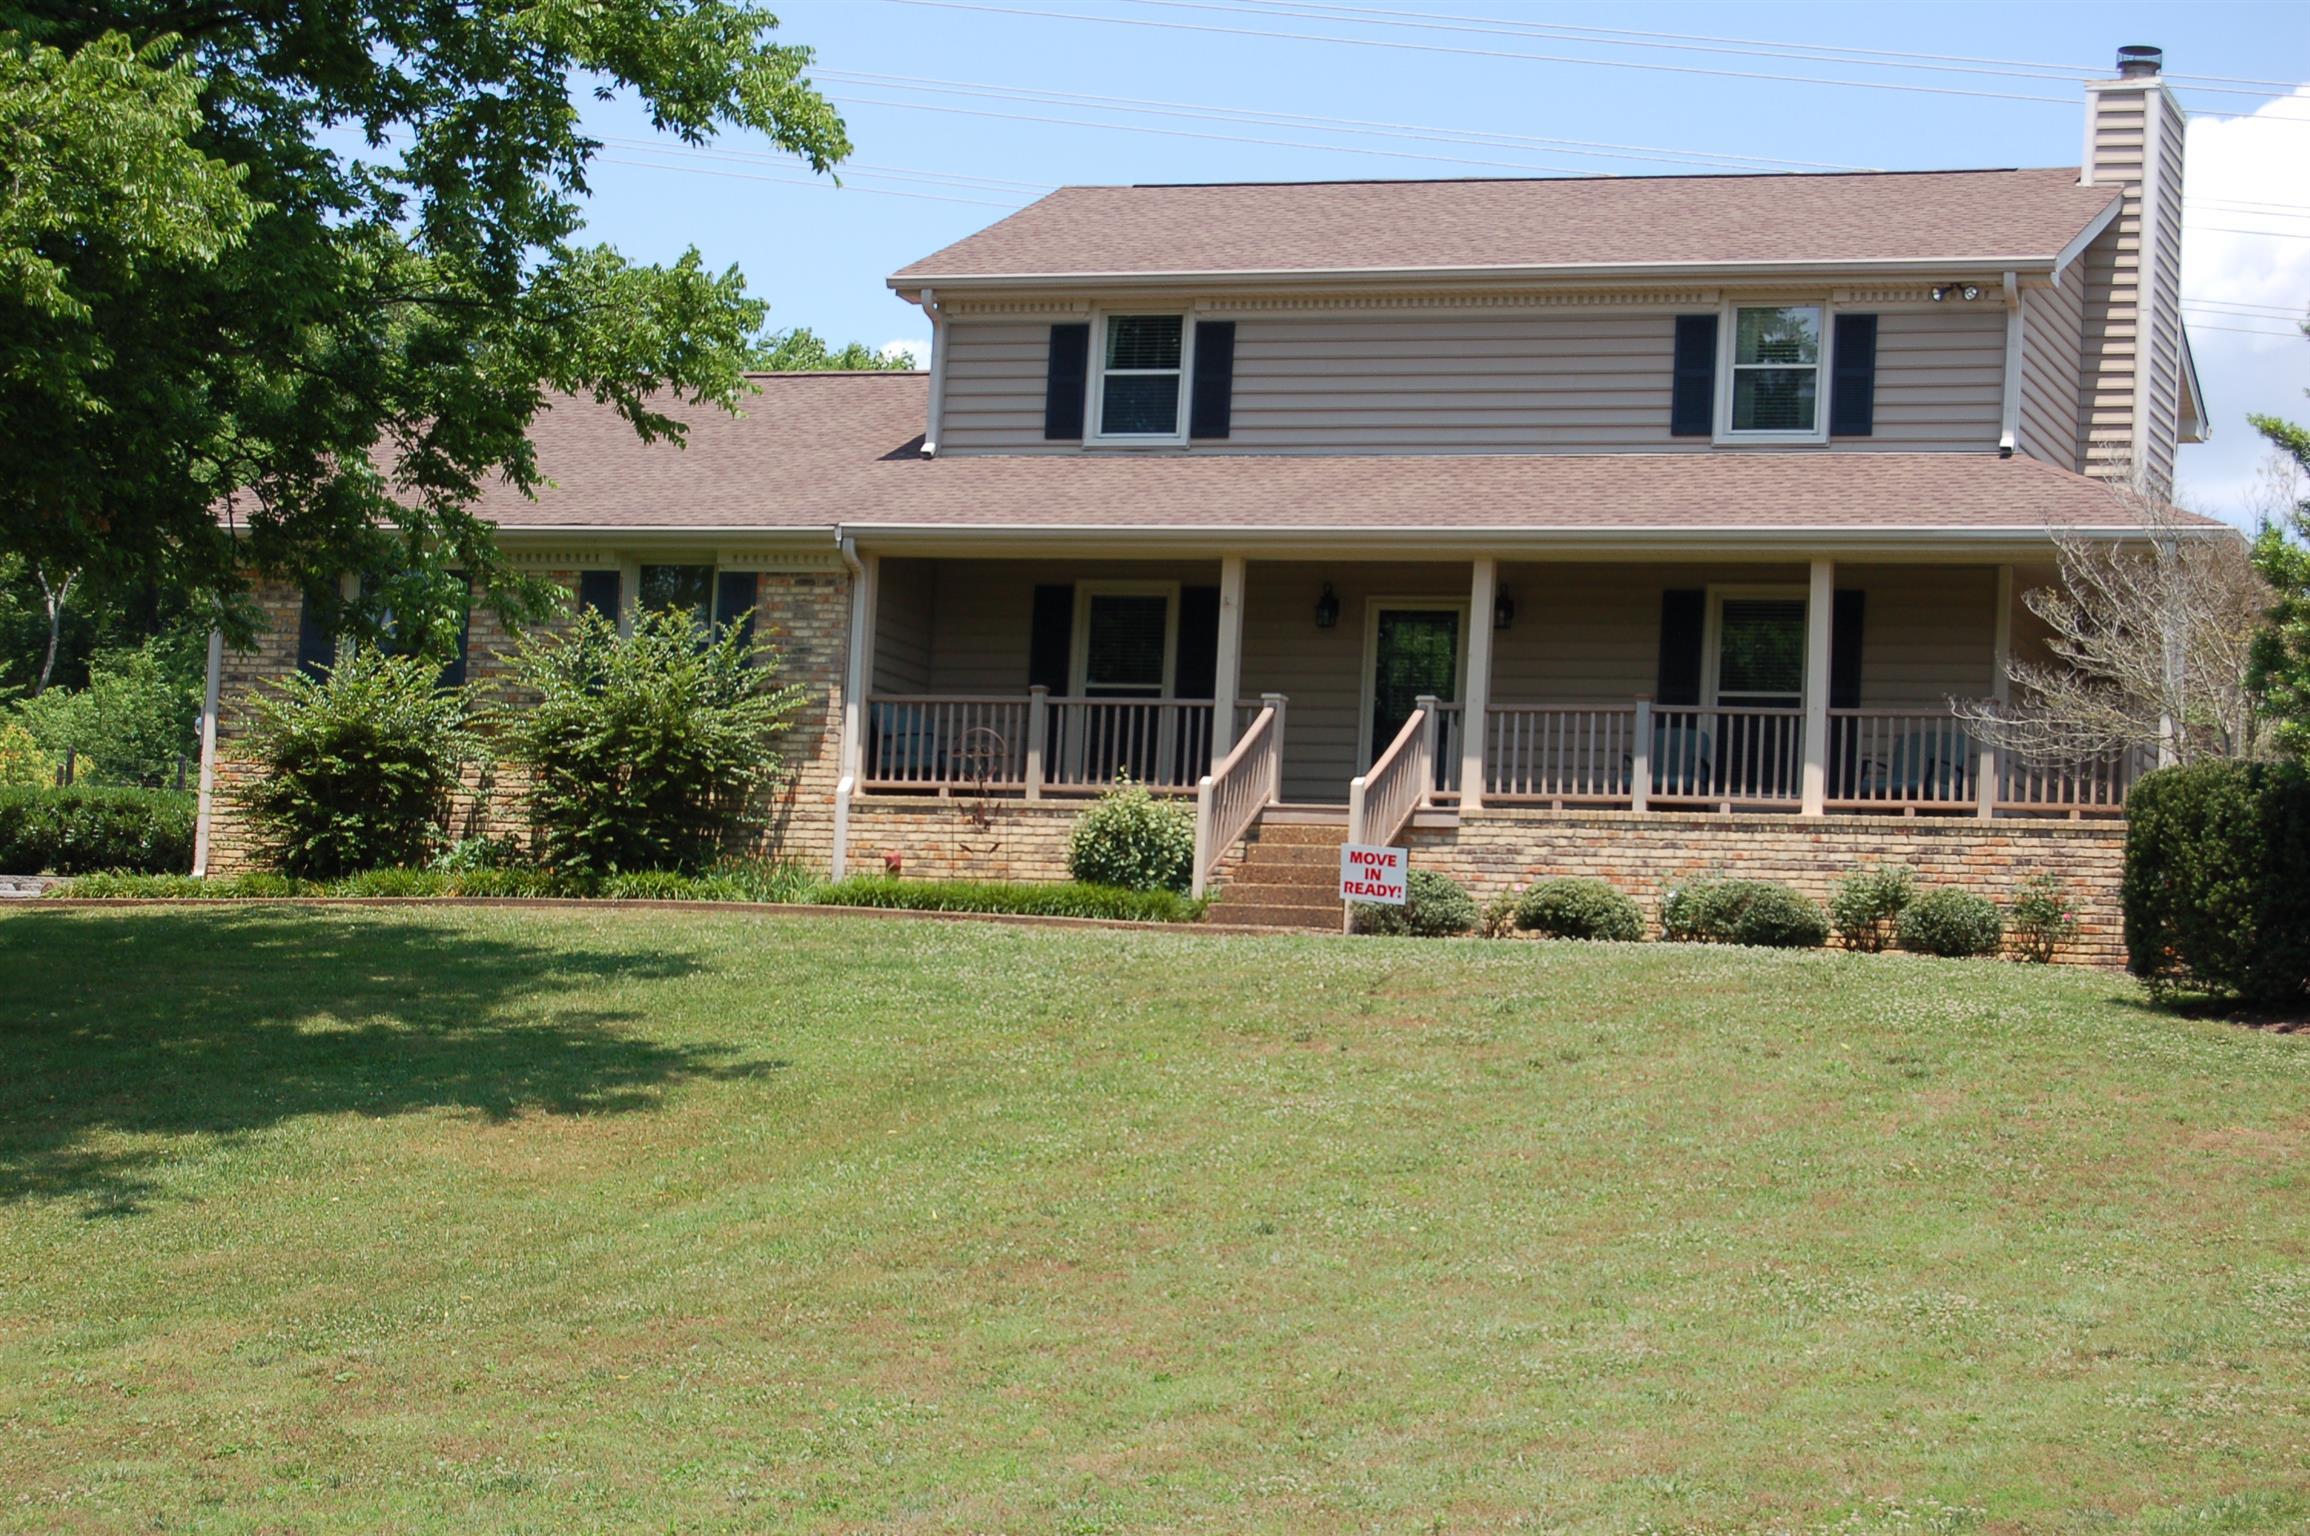 121 Ridgemar Trl 37075 - One of Hendersonville Homes for Sale